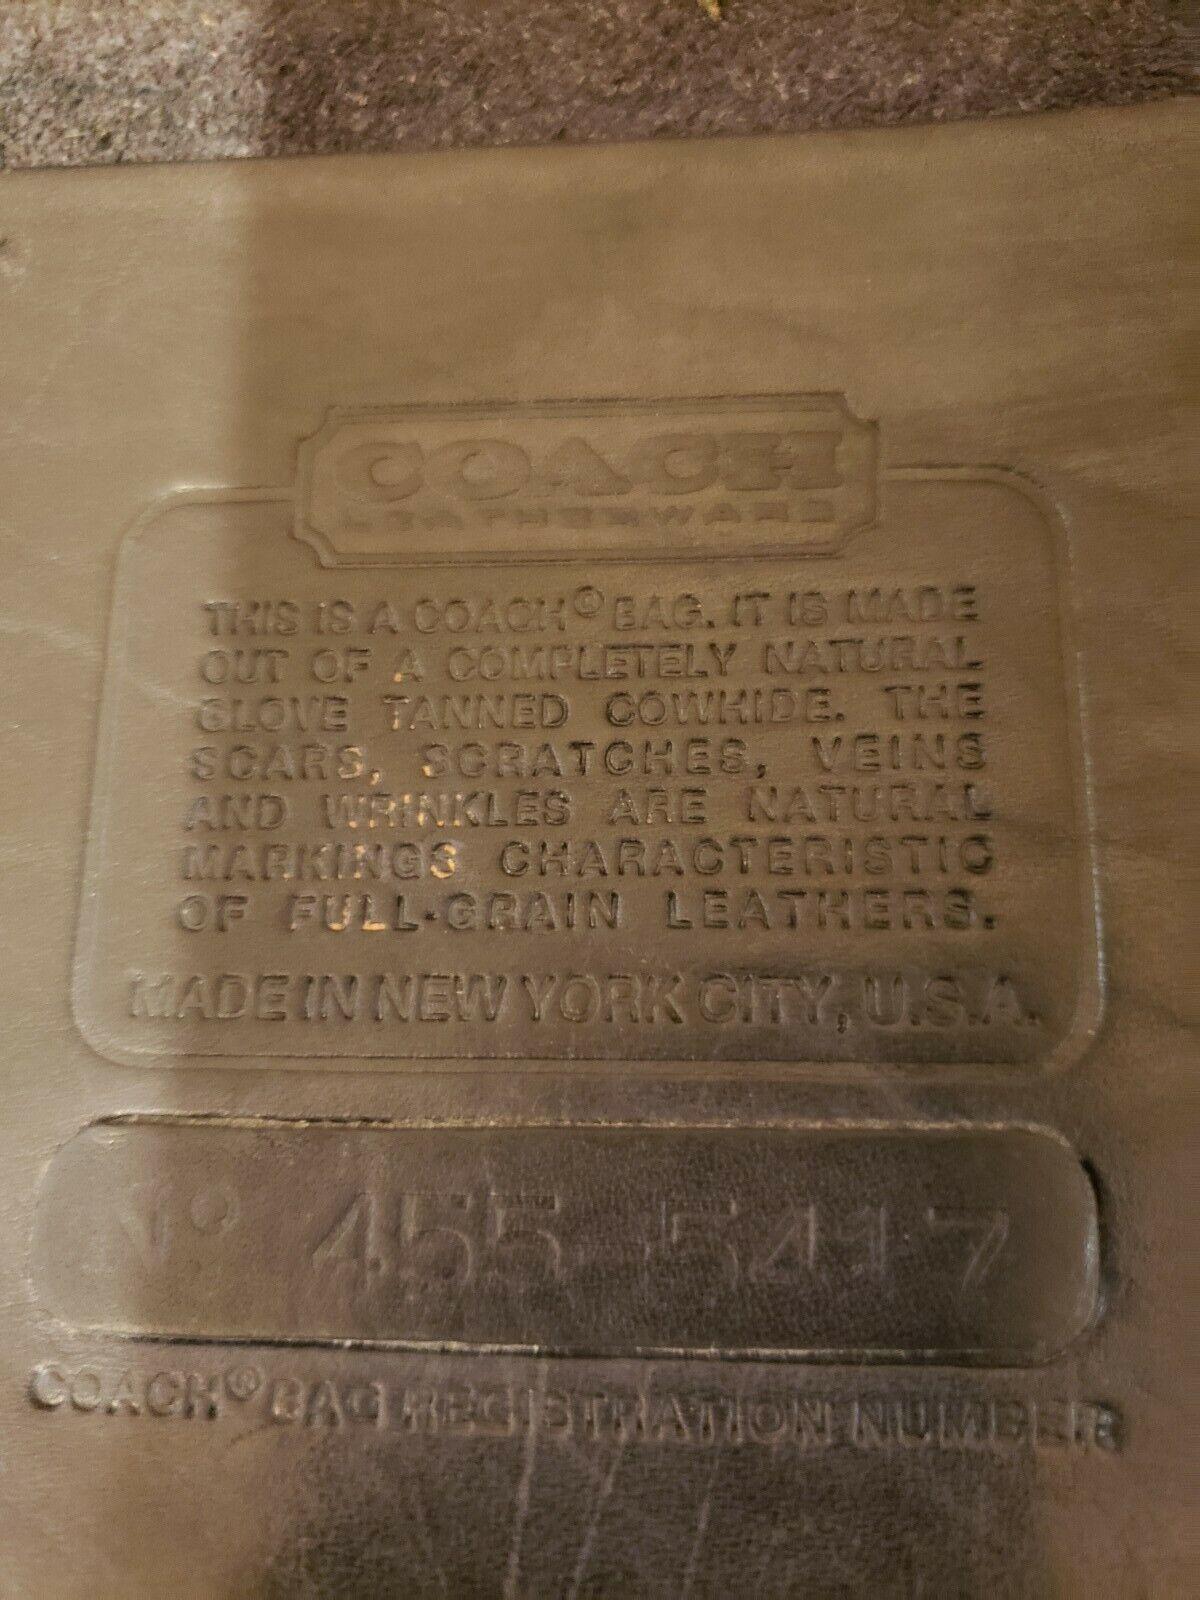 Rare Vintage Authentic Coach NYC Bonnie Cashin 19… - image 11